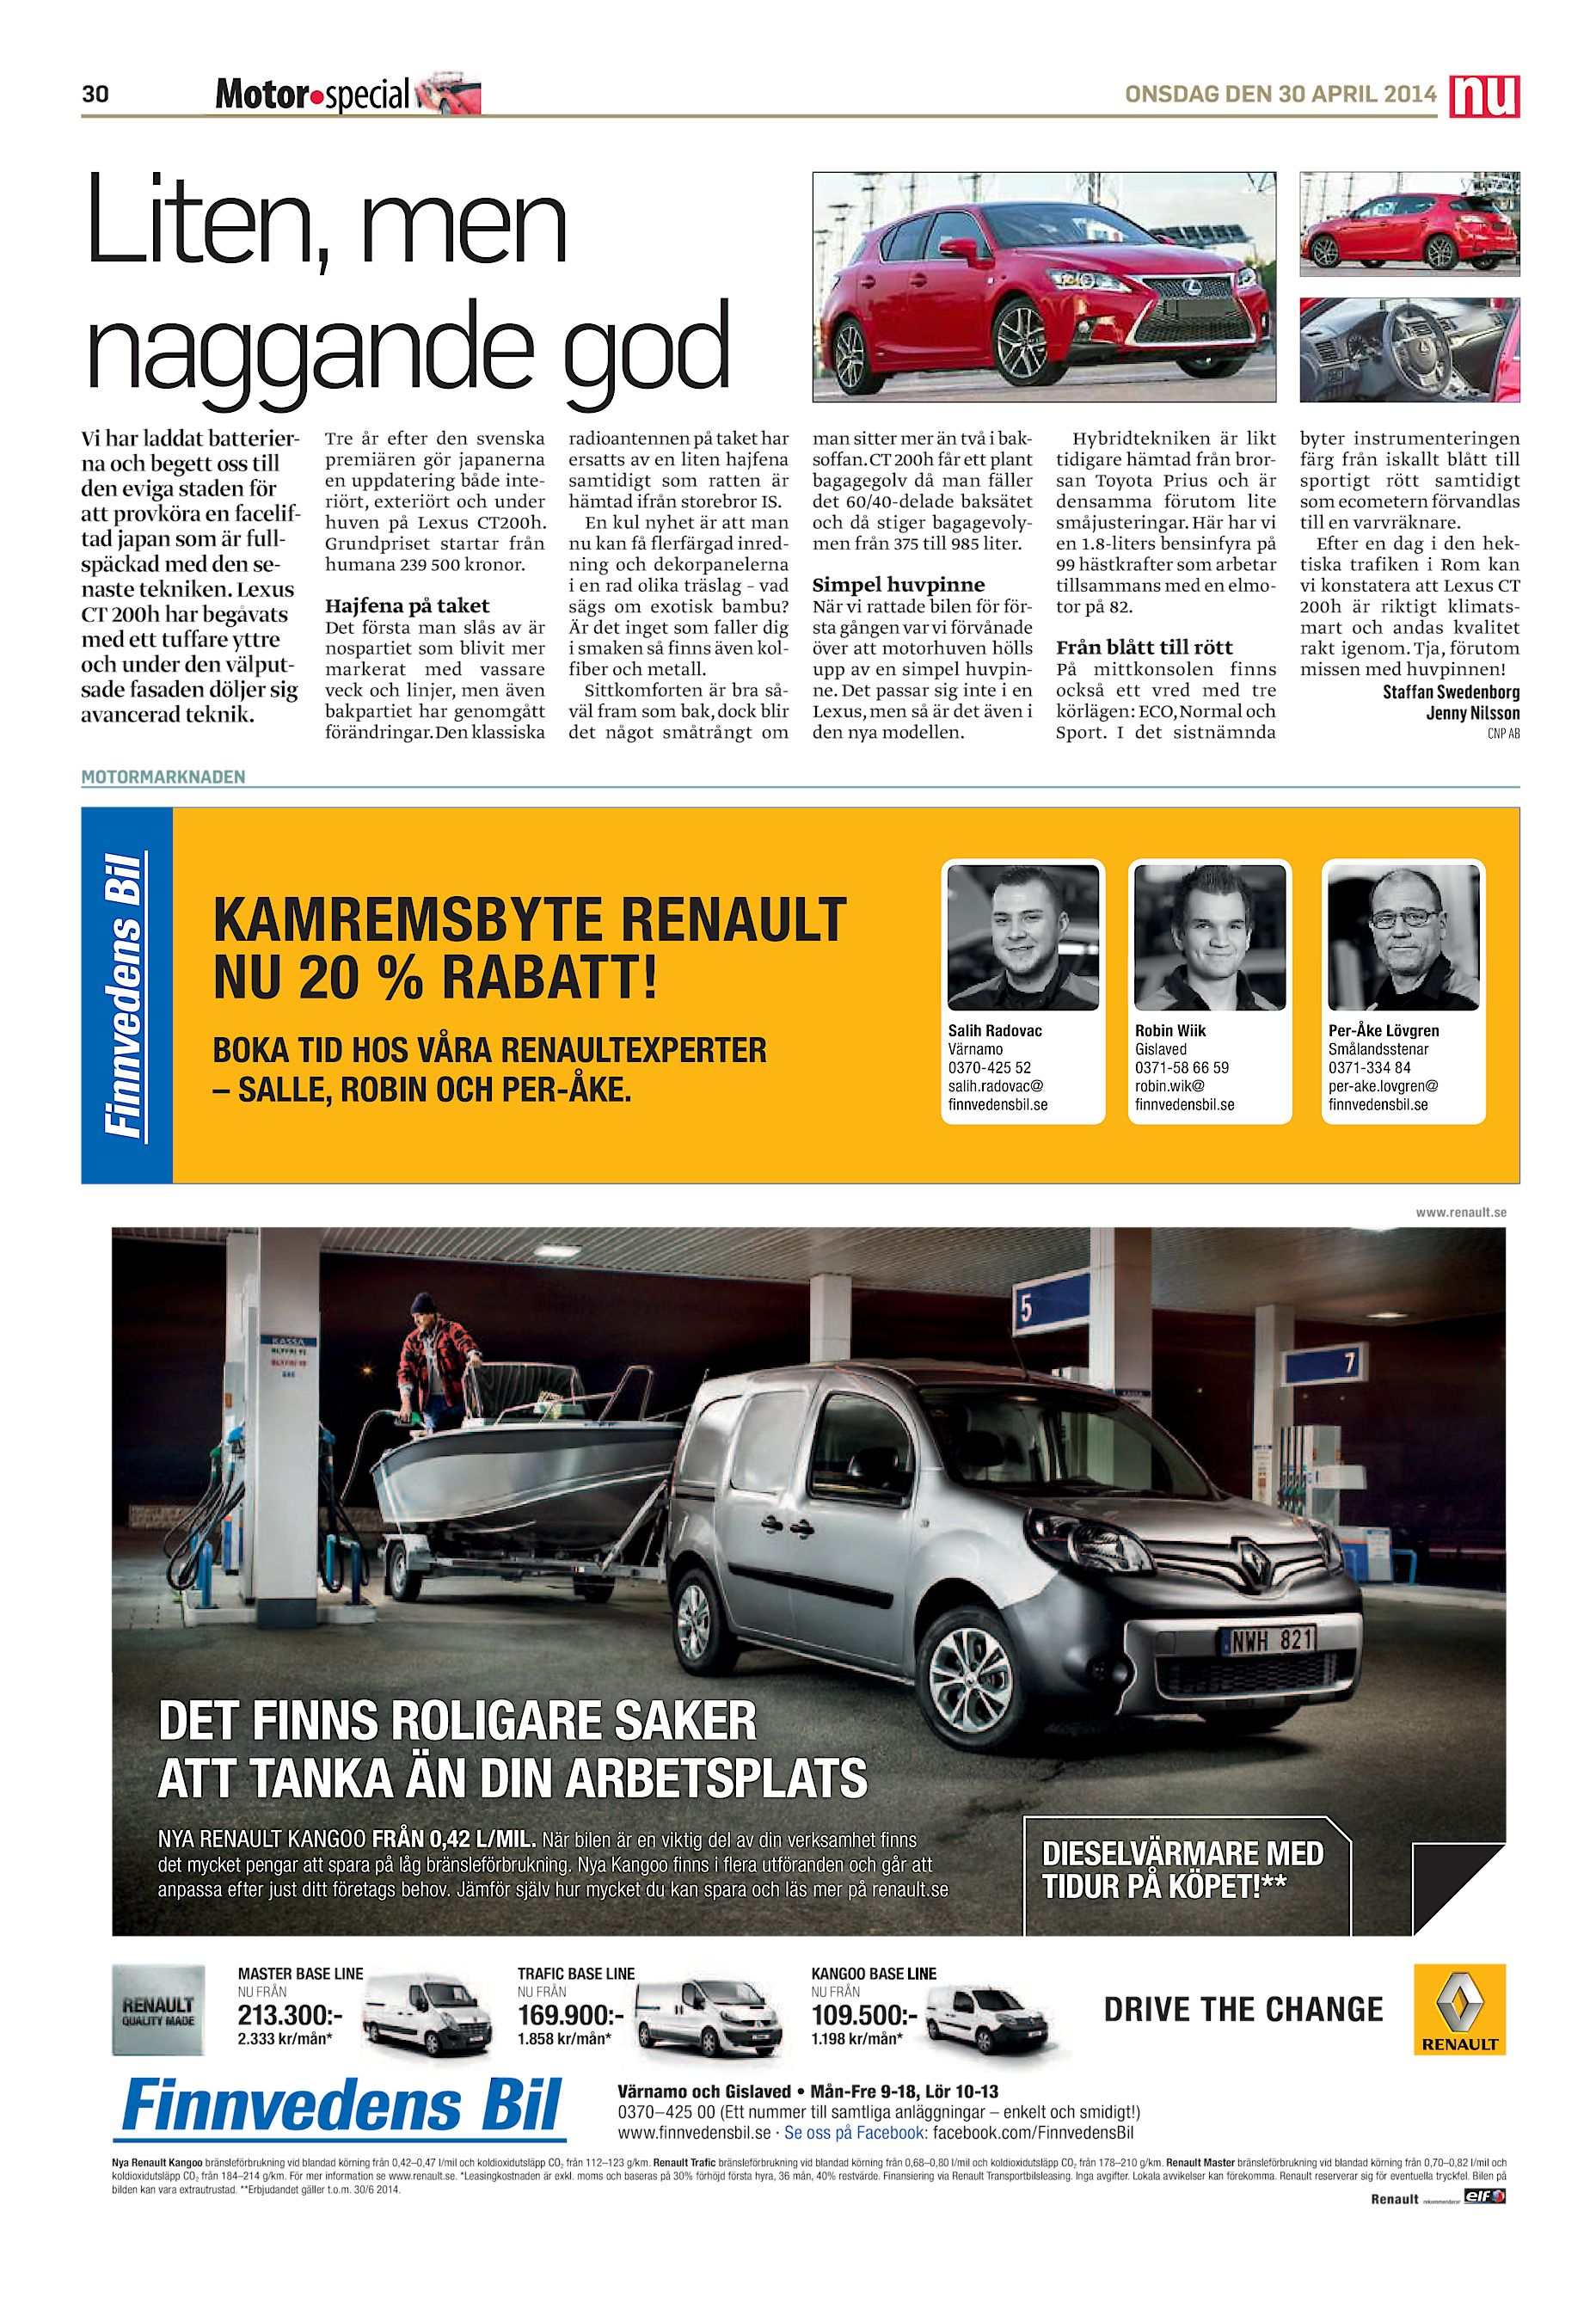 Finnveden.nu fnu 20140430 (endast text)